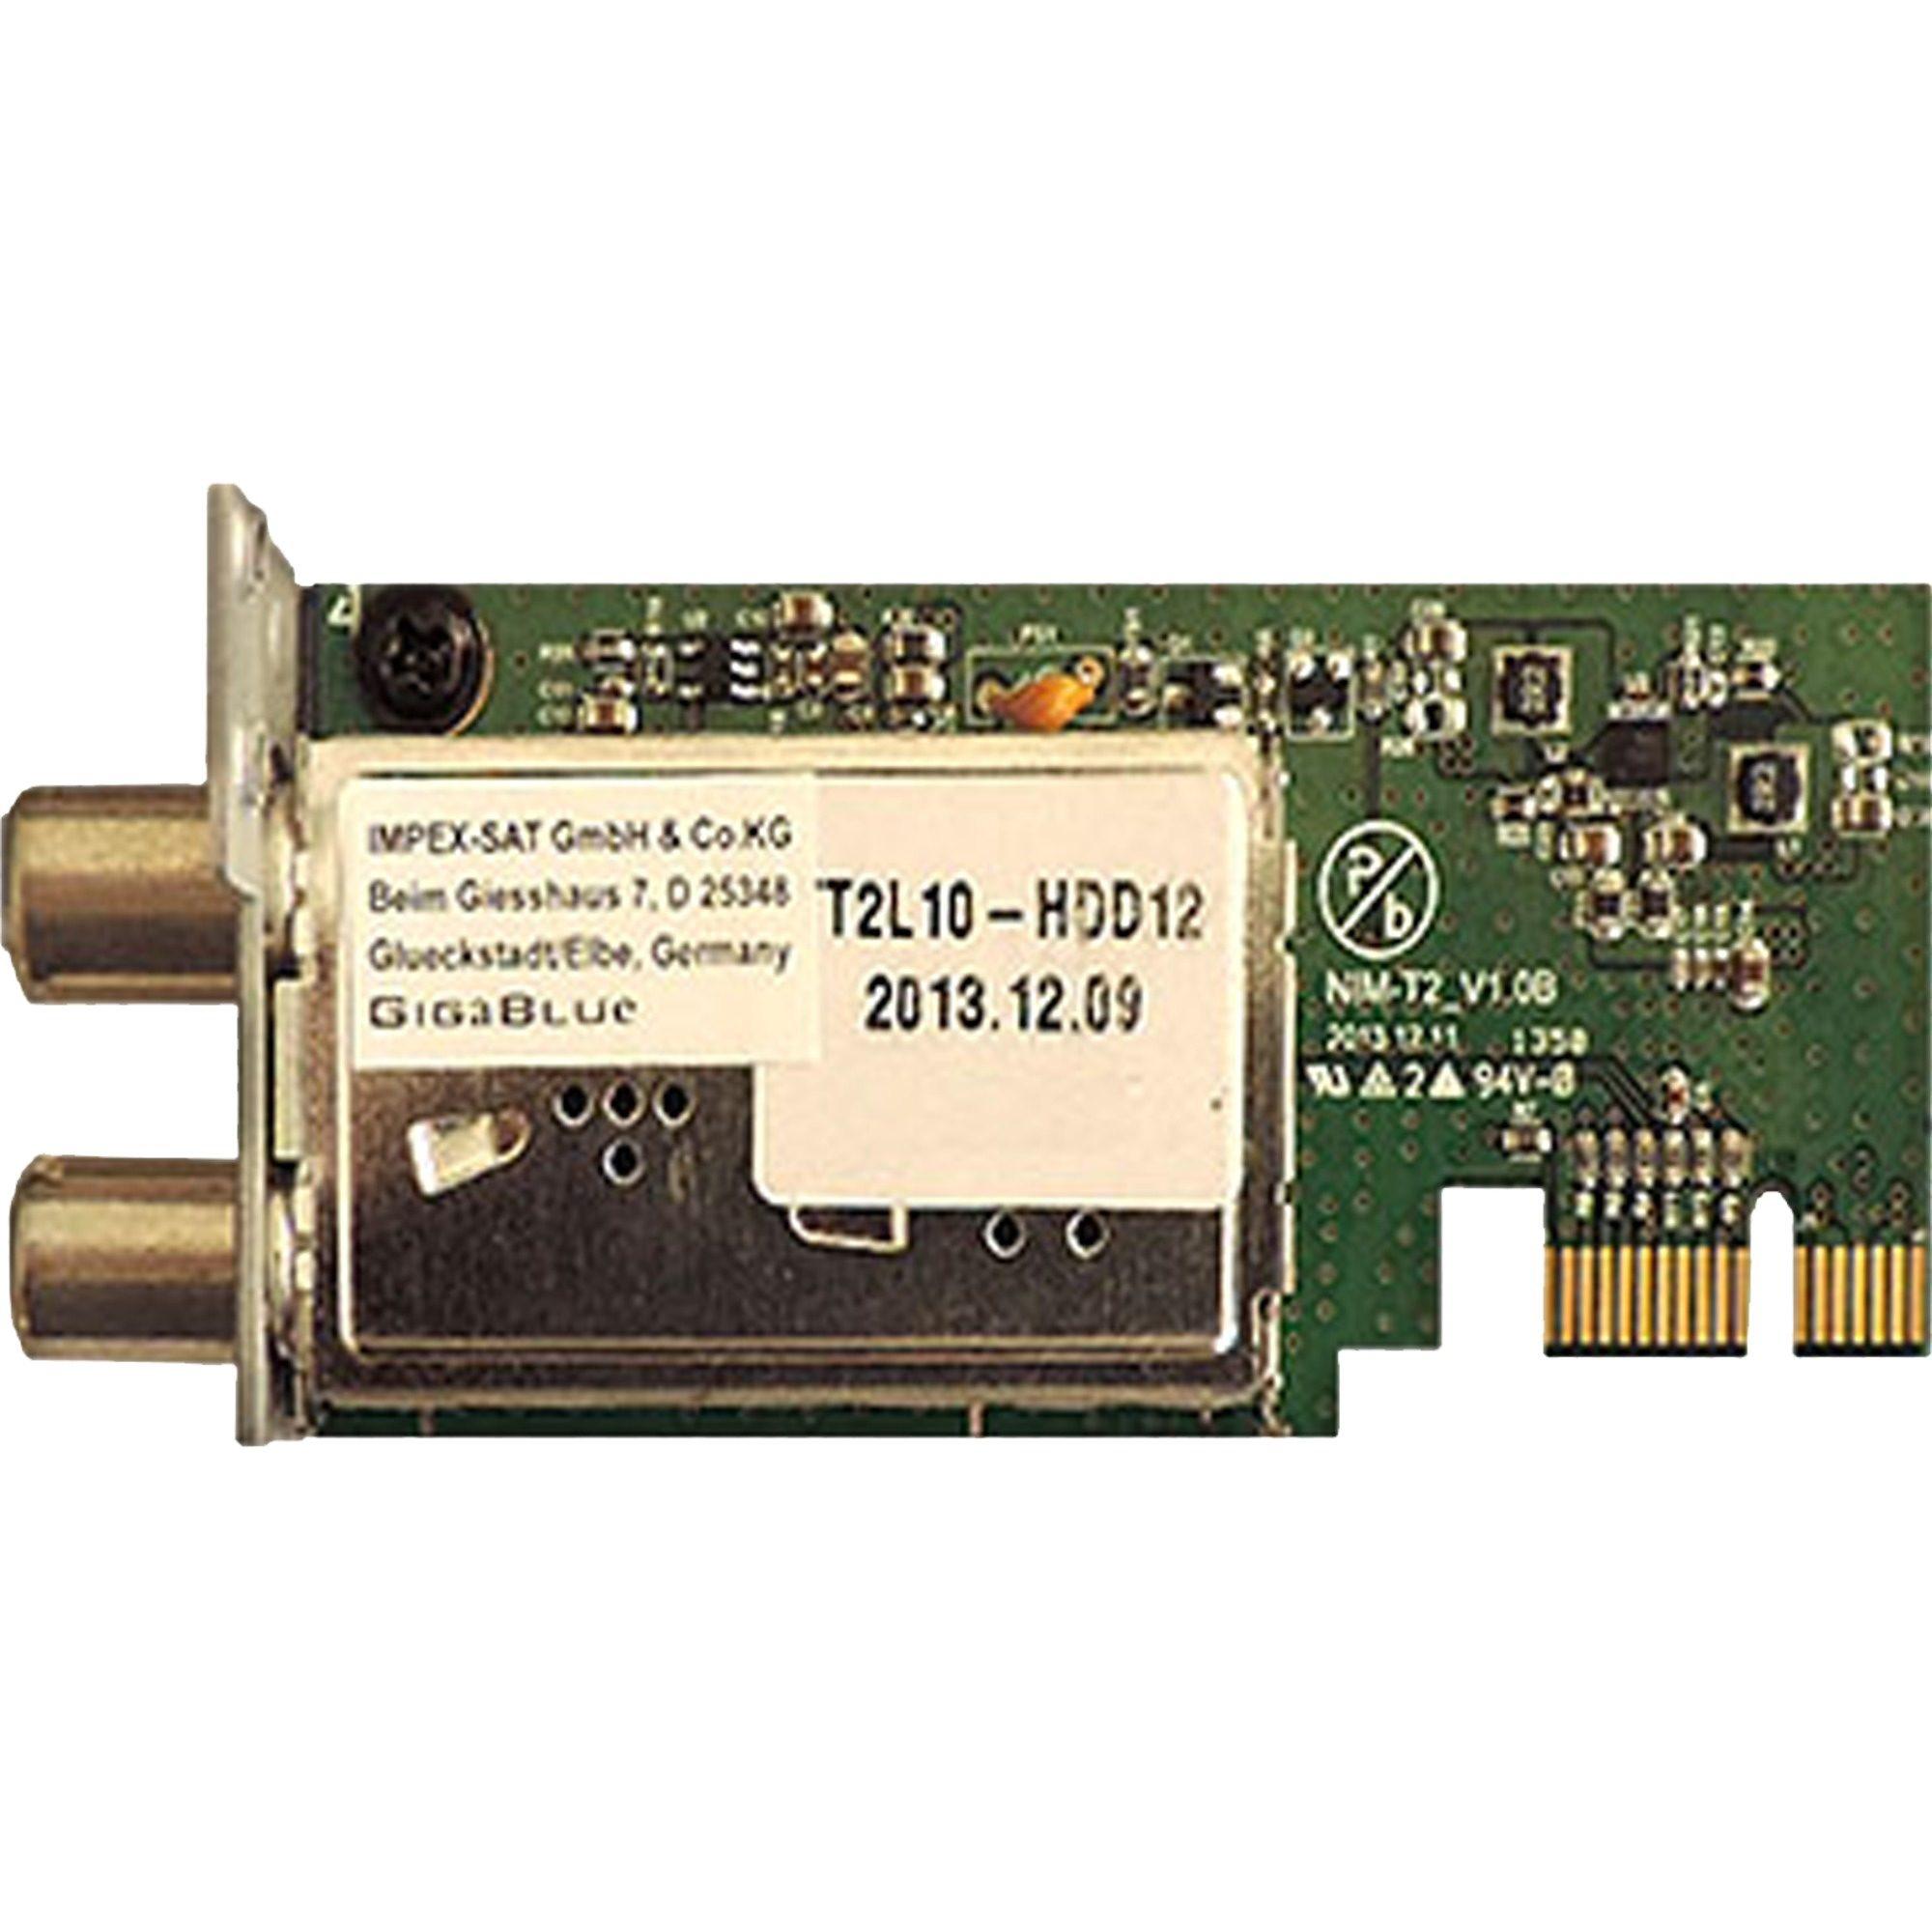 GigaBlue Tuner »DVB-C/T2 Hybrid Tuner«